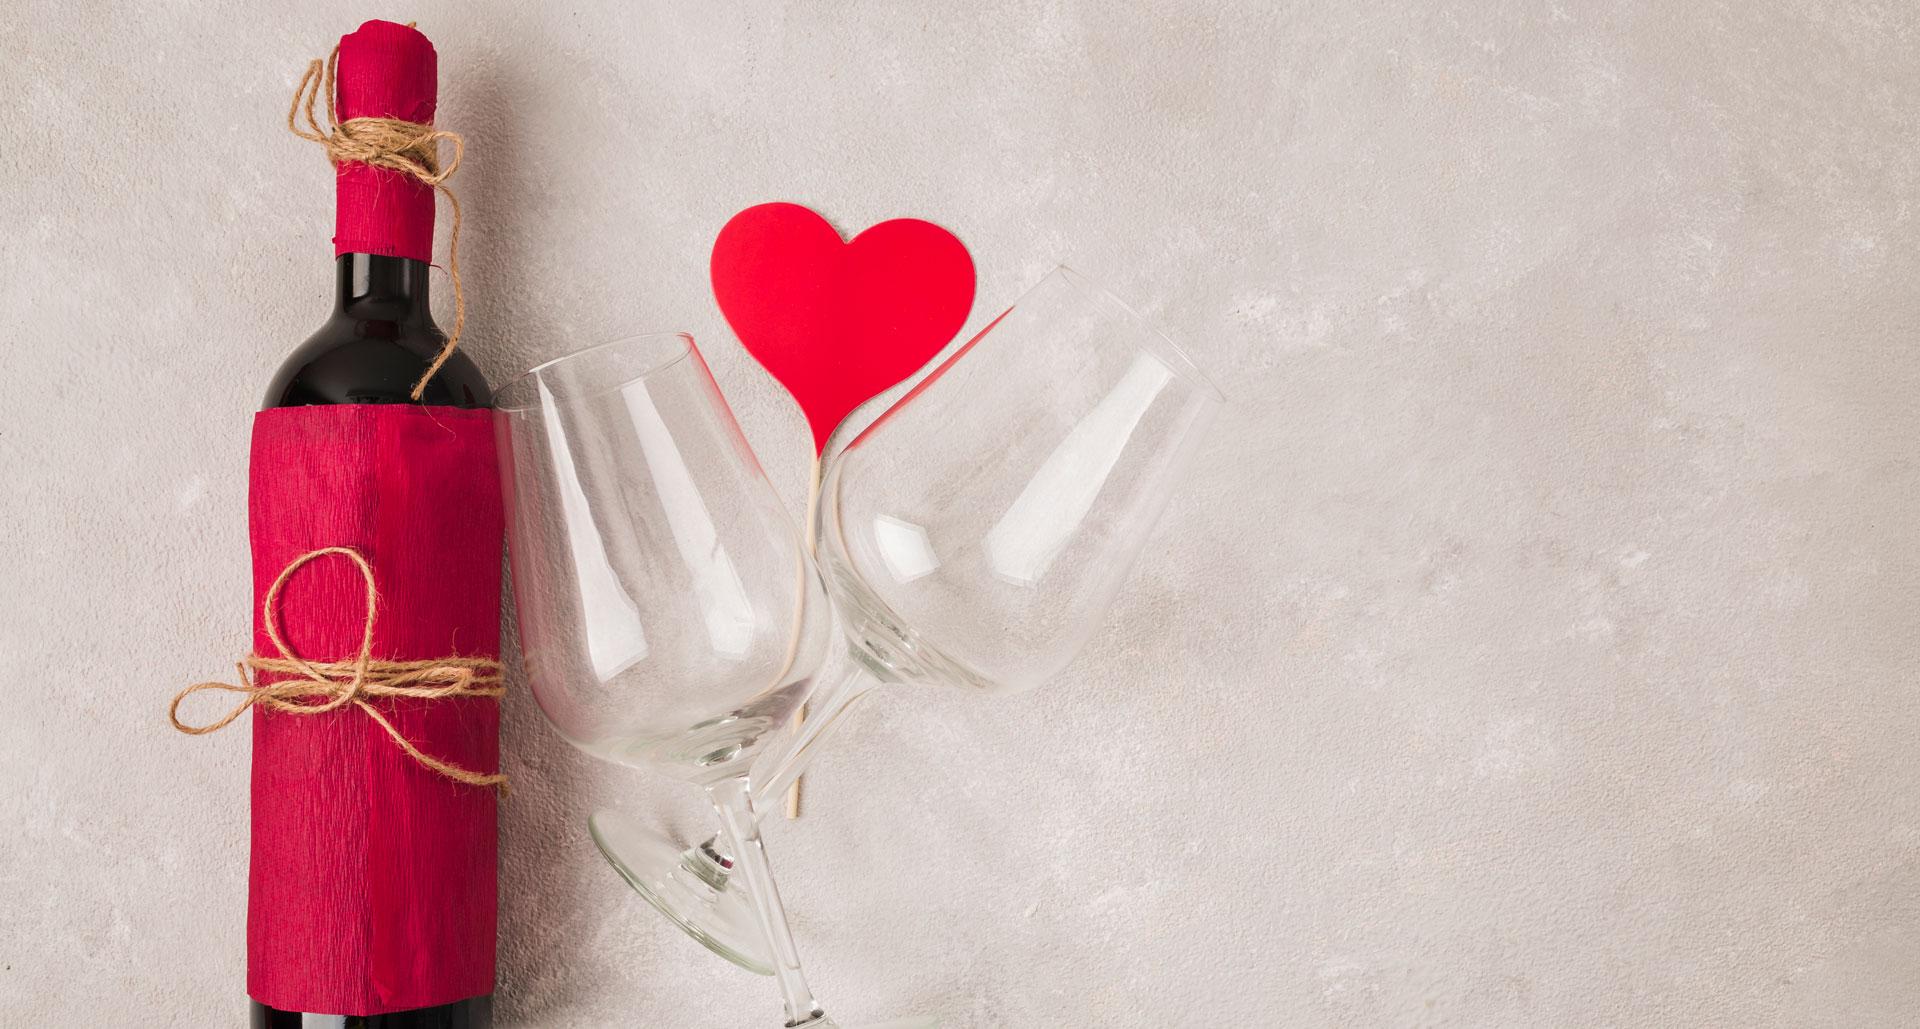 Scuola Grande Amarone D.O.C.G. della Valpolicella FWS Wines Valentine's Day